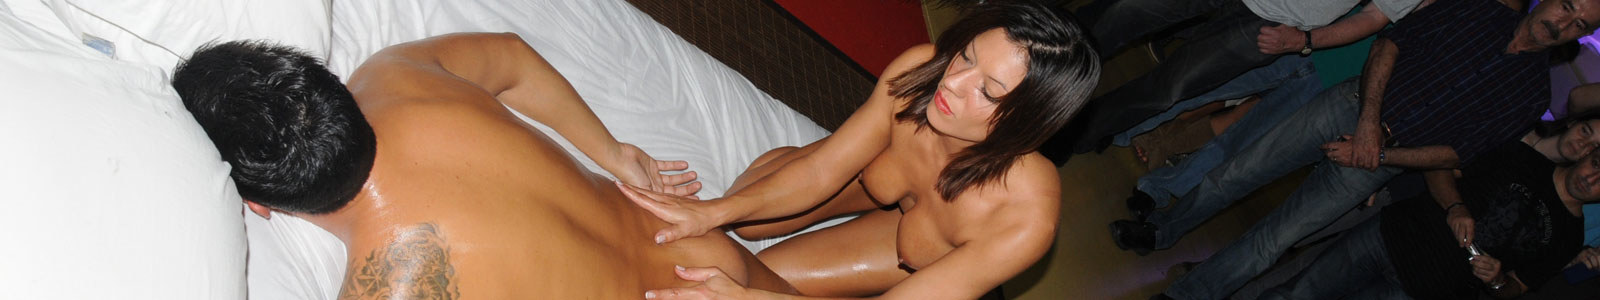 Massagens eróticas Lame. She's